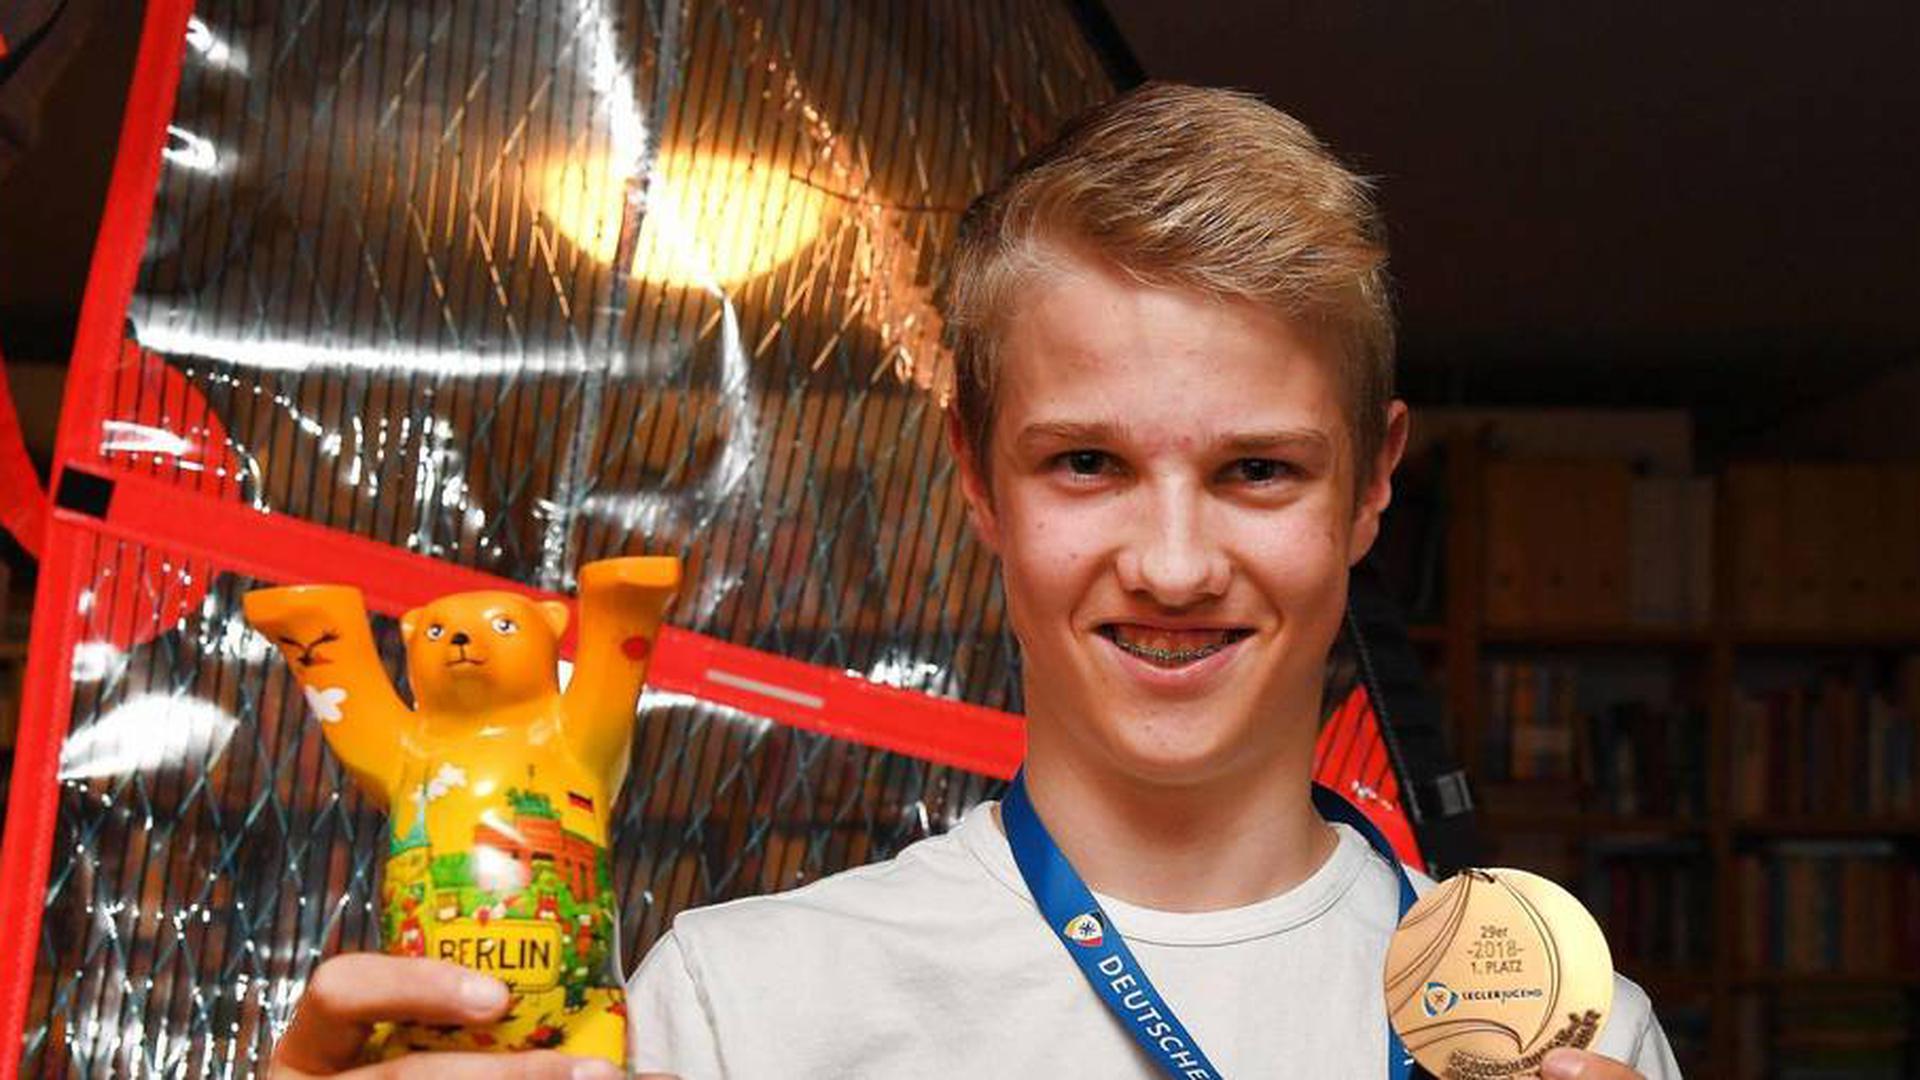 Riko Rockenbauch zeigt die Goldmedaille, die er auf der Internationalen Deutschen Meisterschaft 2018 holte